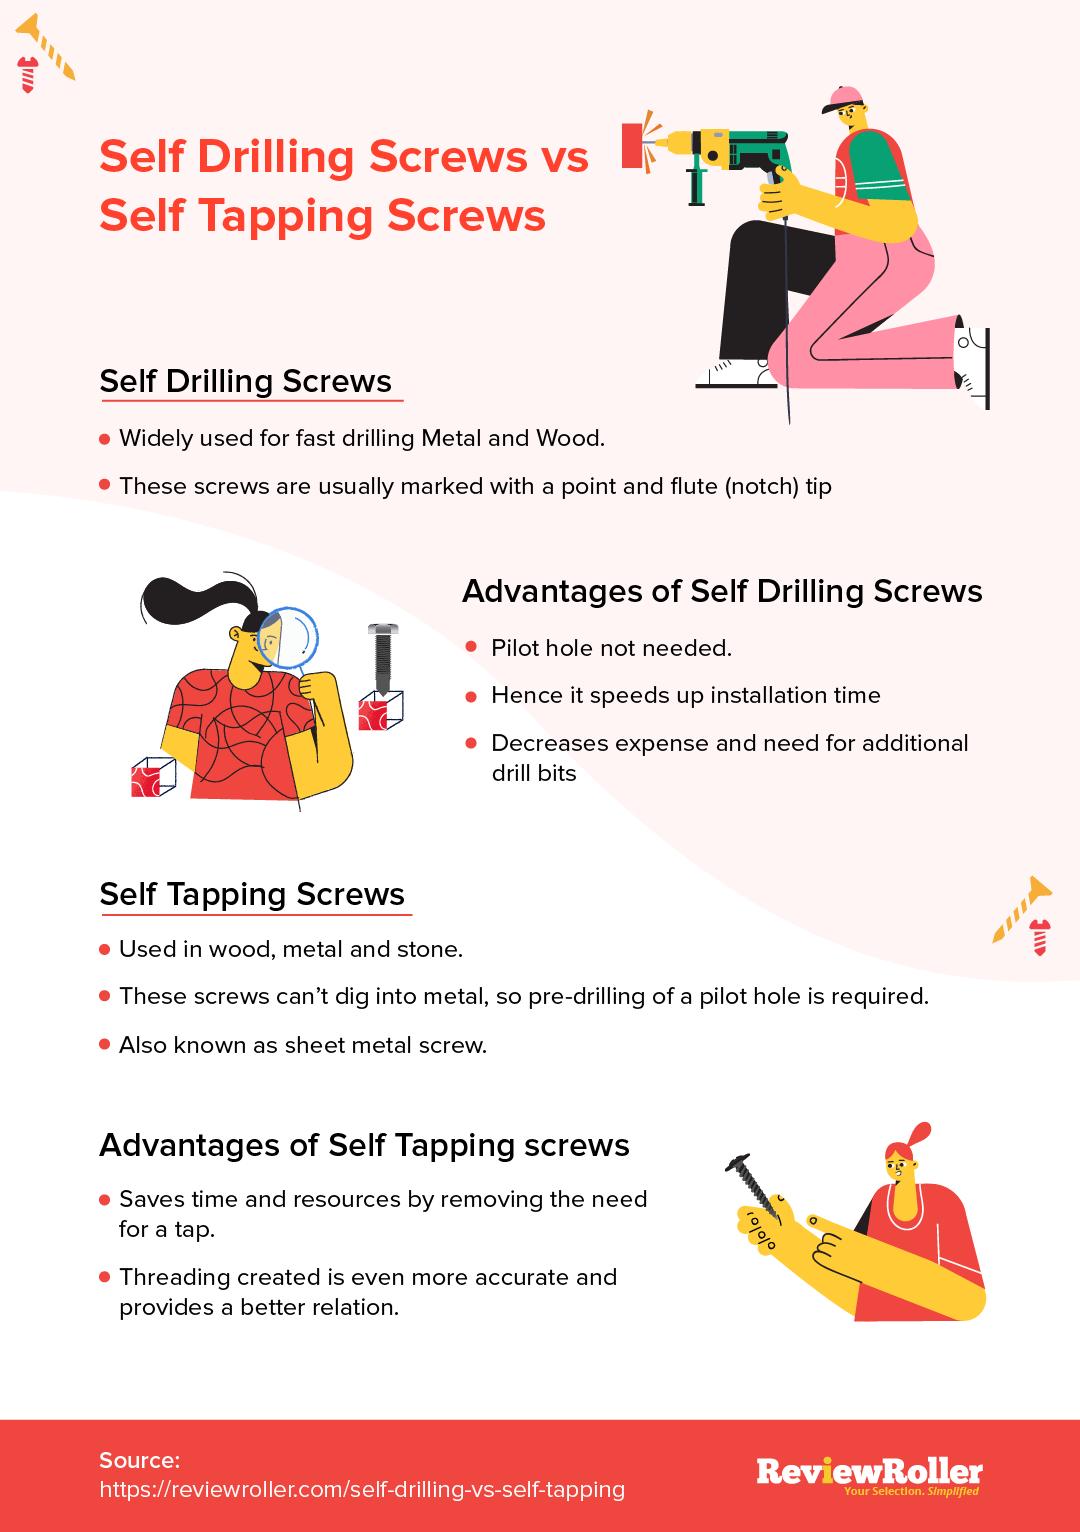 Self_Drilling_Screws_vs._Self_Tapping_Screws